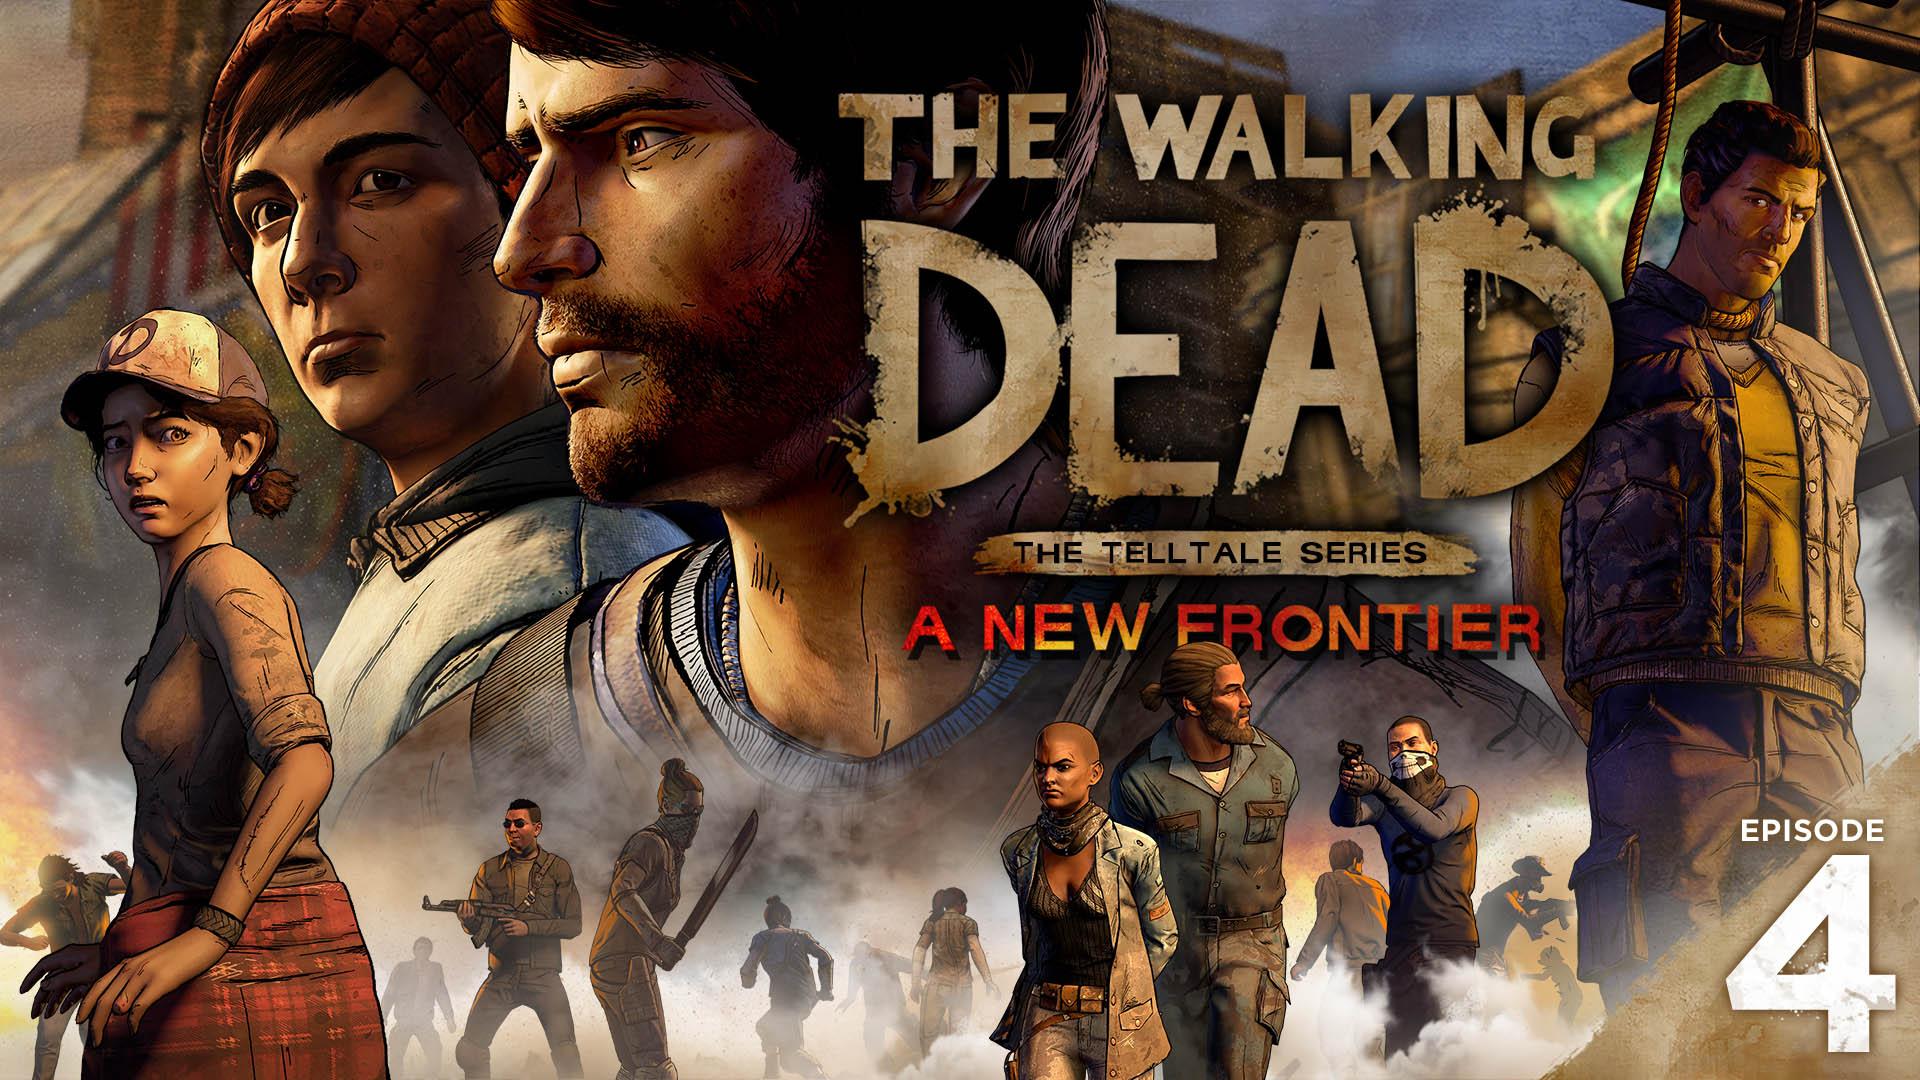 Episode 4 zu The Walking Dead: The Telltale Series wurde heute veröffentlicht